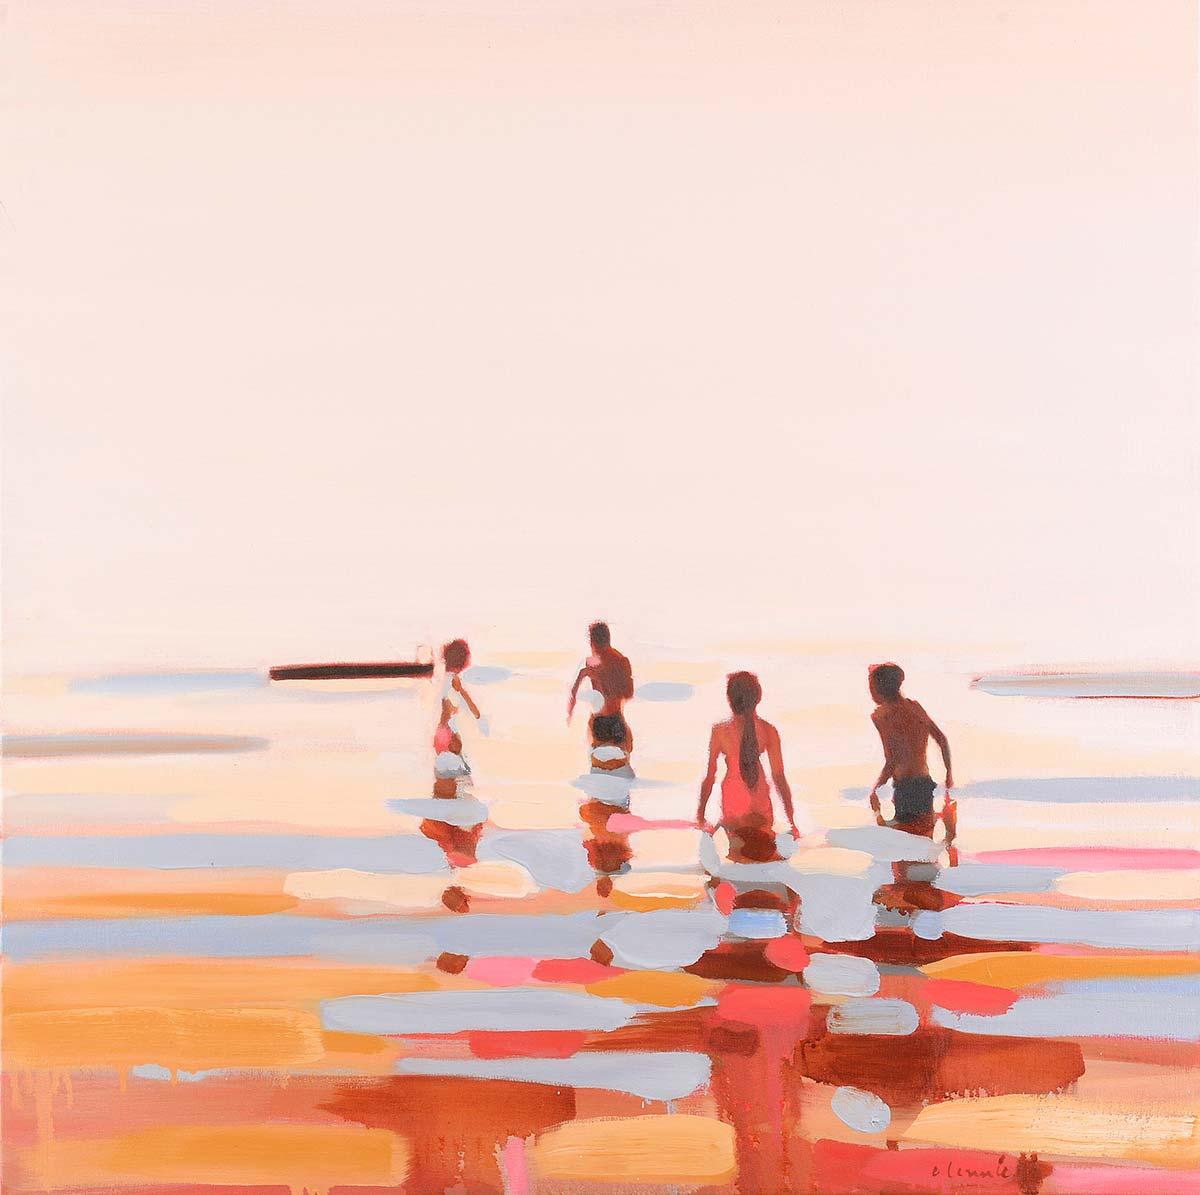 Summer Heat Paintings of People in water